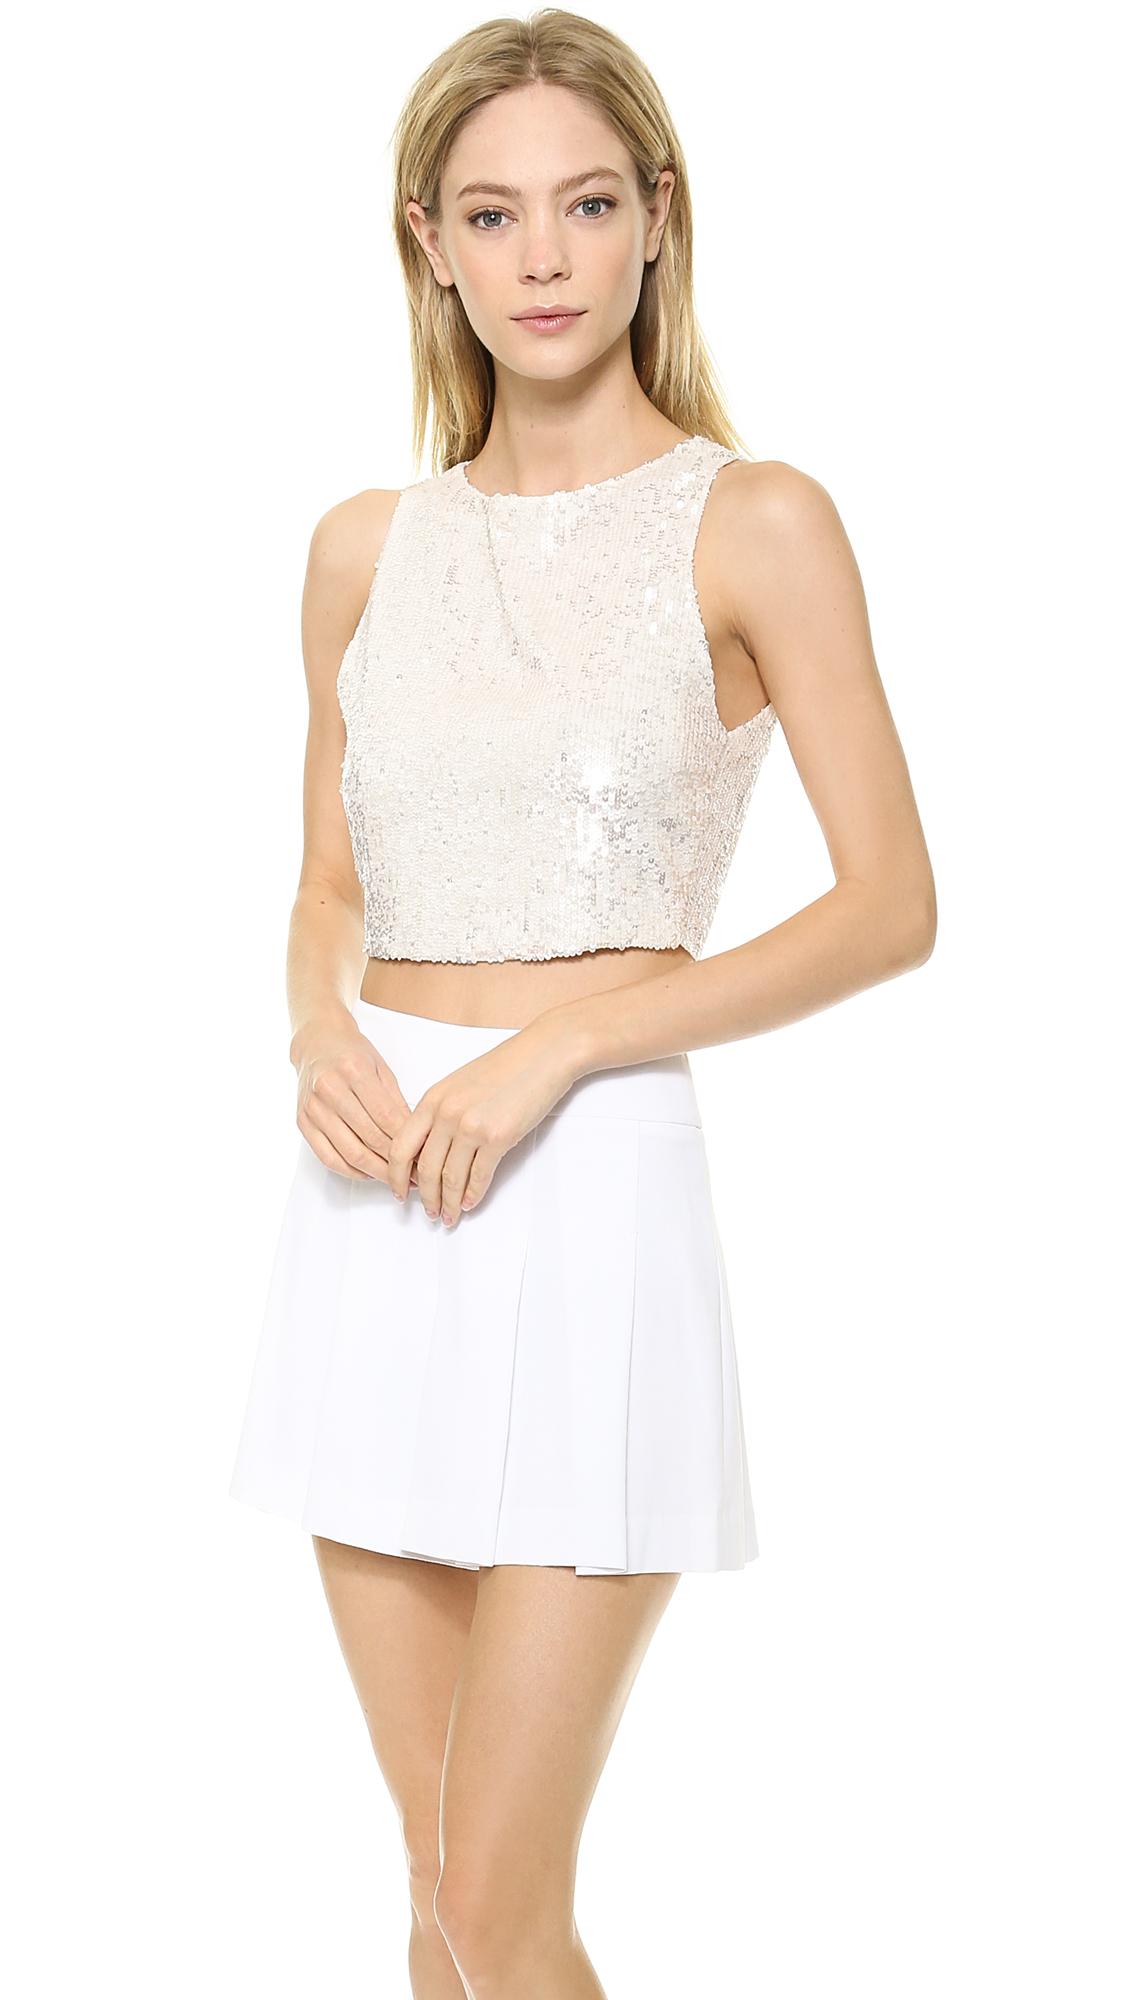 e207a53ffa6505 Alice + Olivia Alice Olivia Pire Sequin Crop Top White in White - Lyst